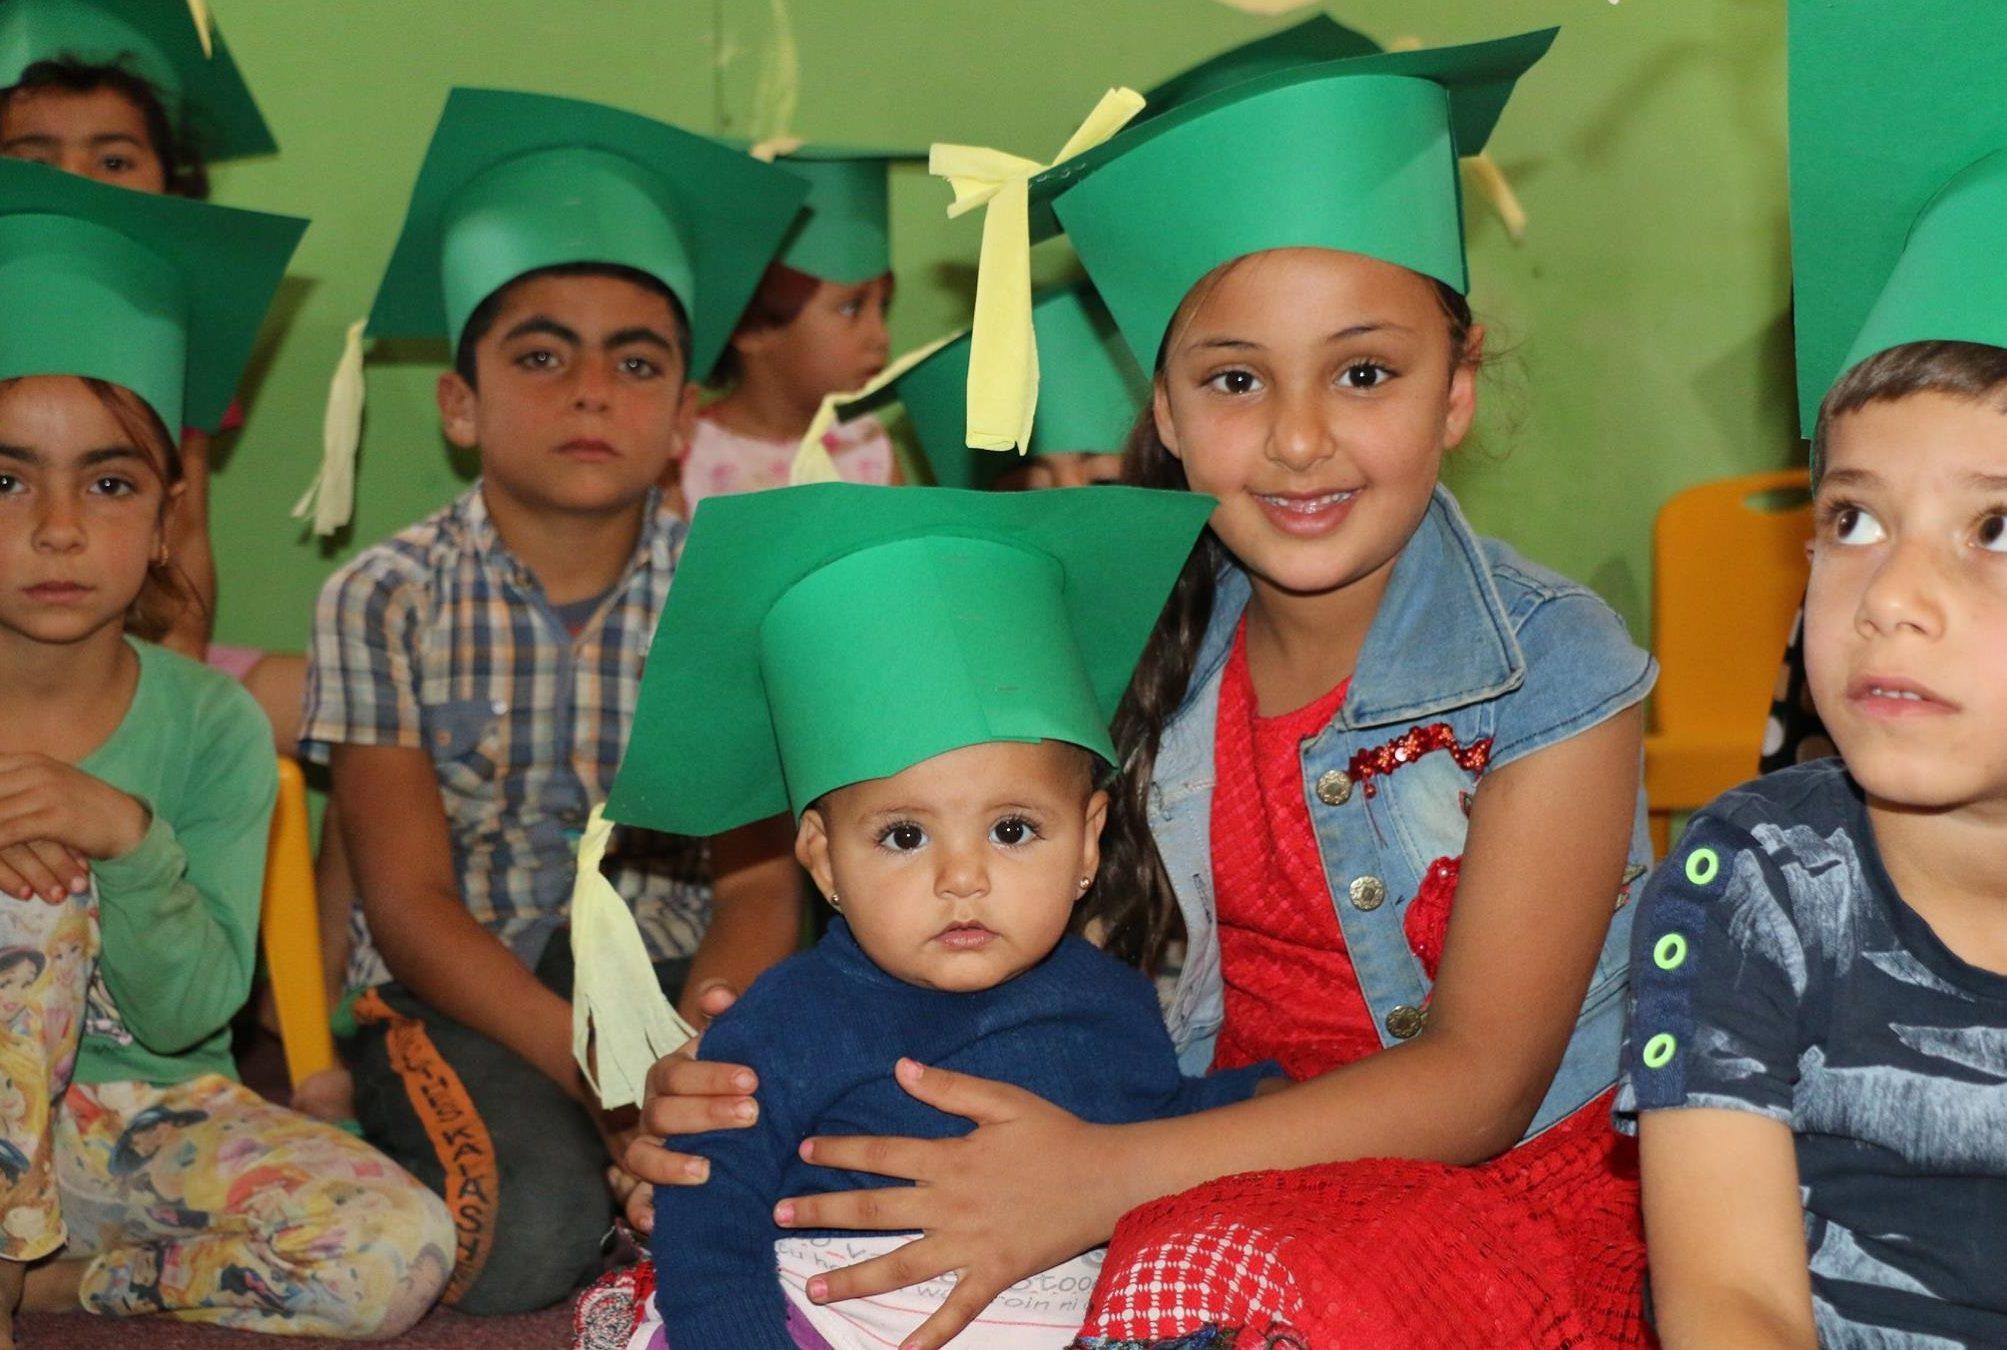 Refugee children at Sam's House, Lebanon